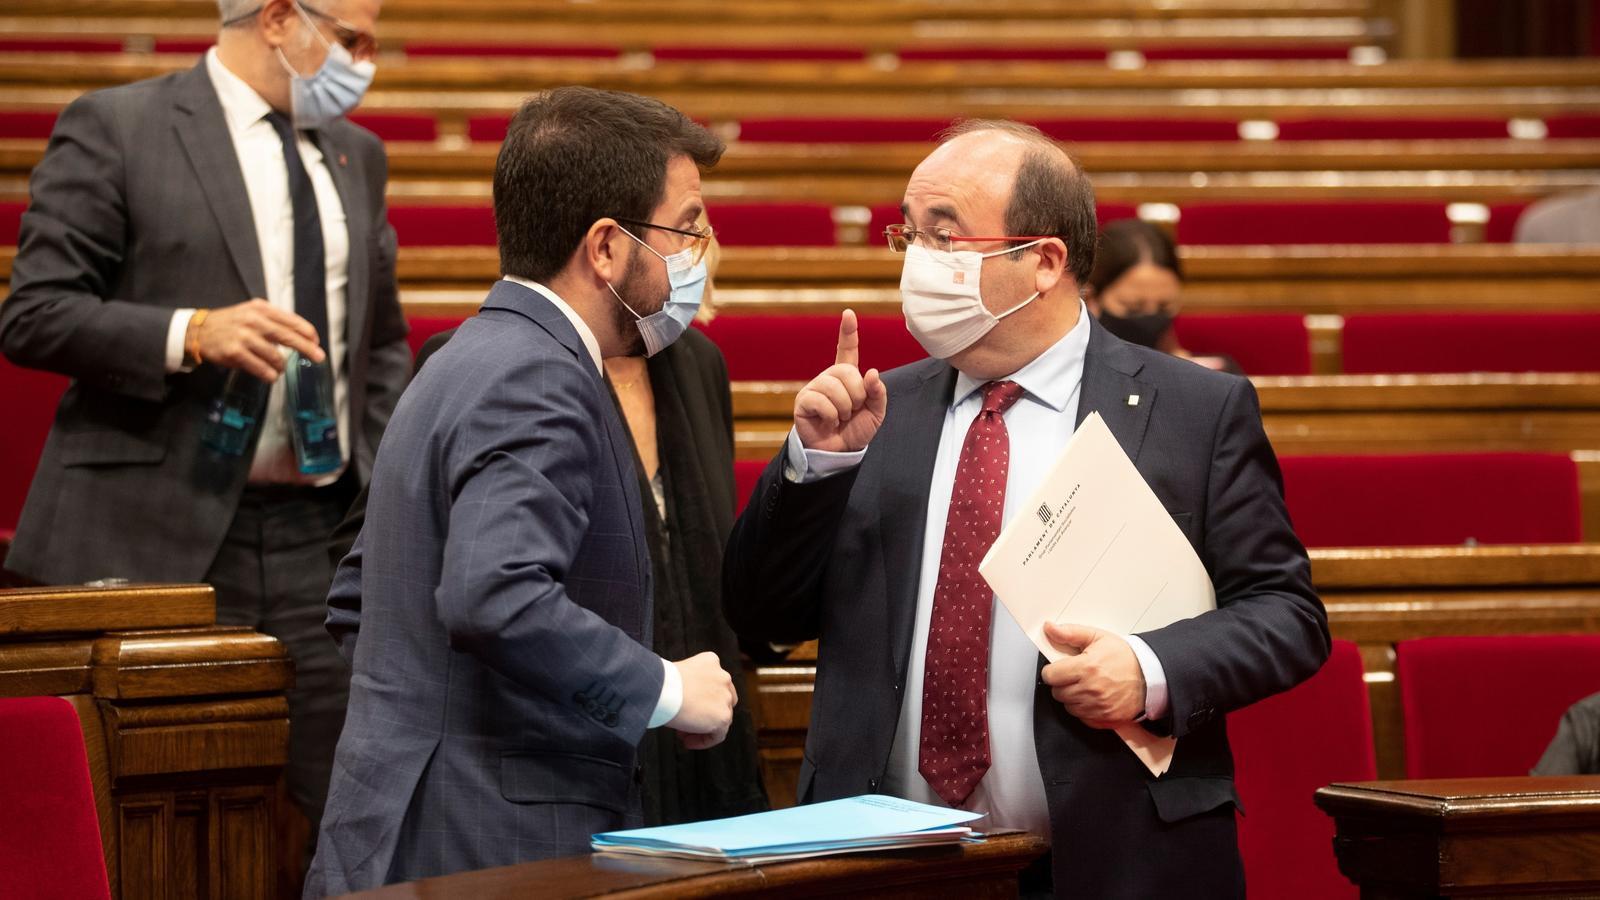 El president en funcions de la Generalitat, Pere Aragonès (ERC), amb el primer secretari del PSC, Miquel Iceta, la setmana passada al Parlament durant el darrer ple de la legislatura.